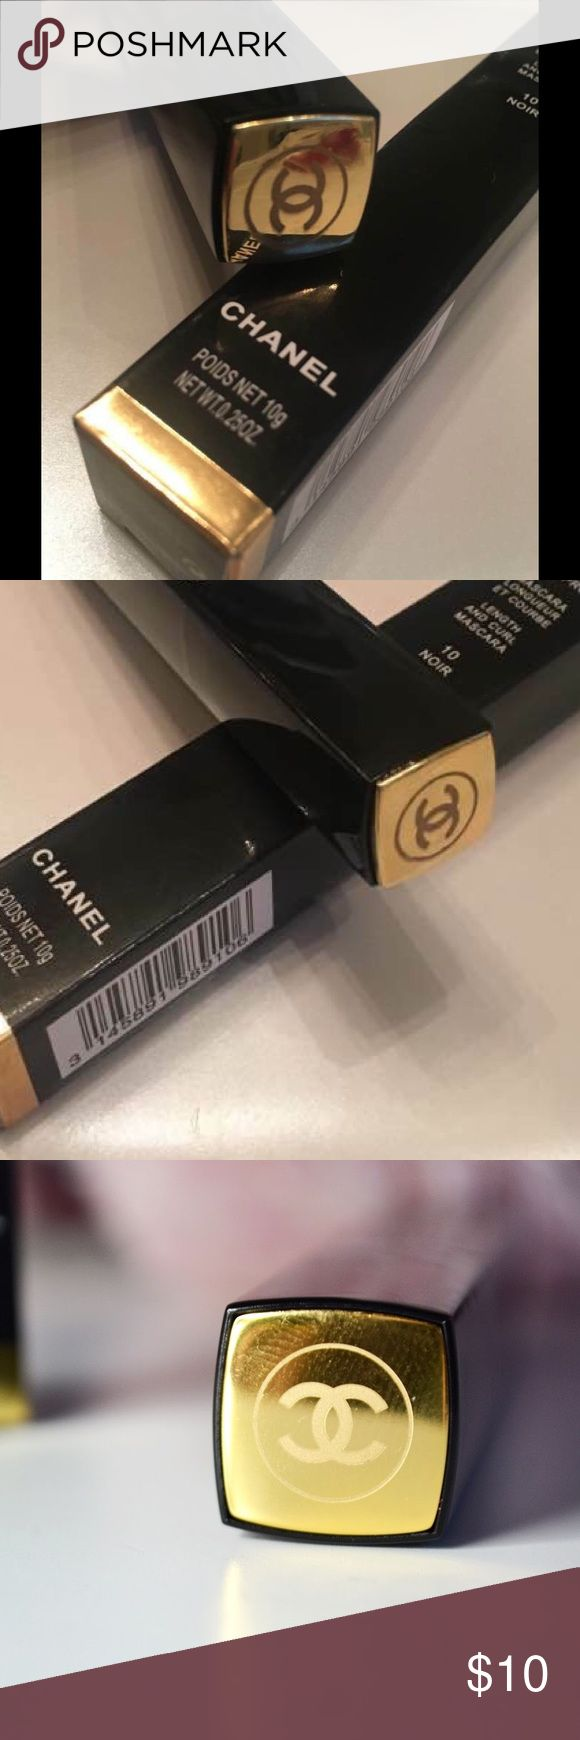 Chanel mascara Sublime De Chanel waterproof mascara 10 noir brand new, CHANEL Makeup Mascara